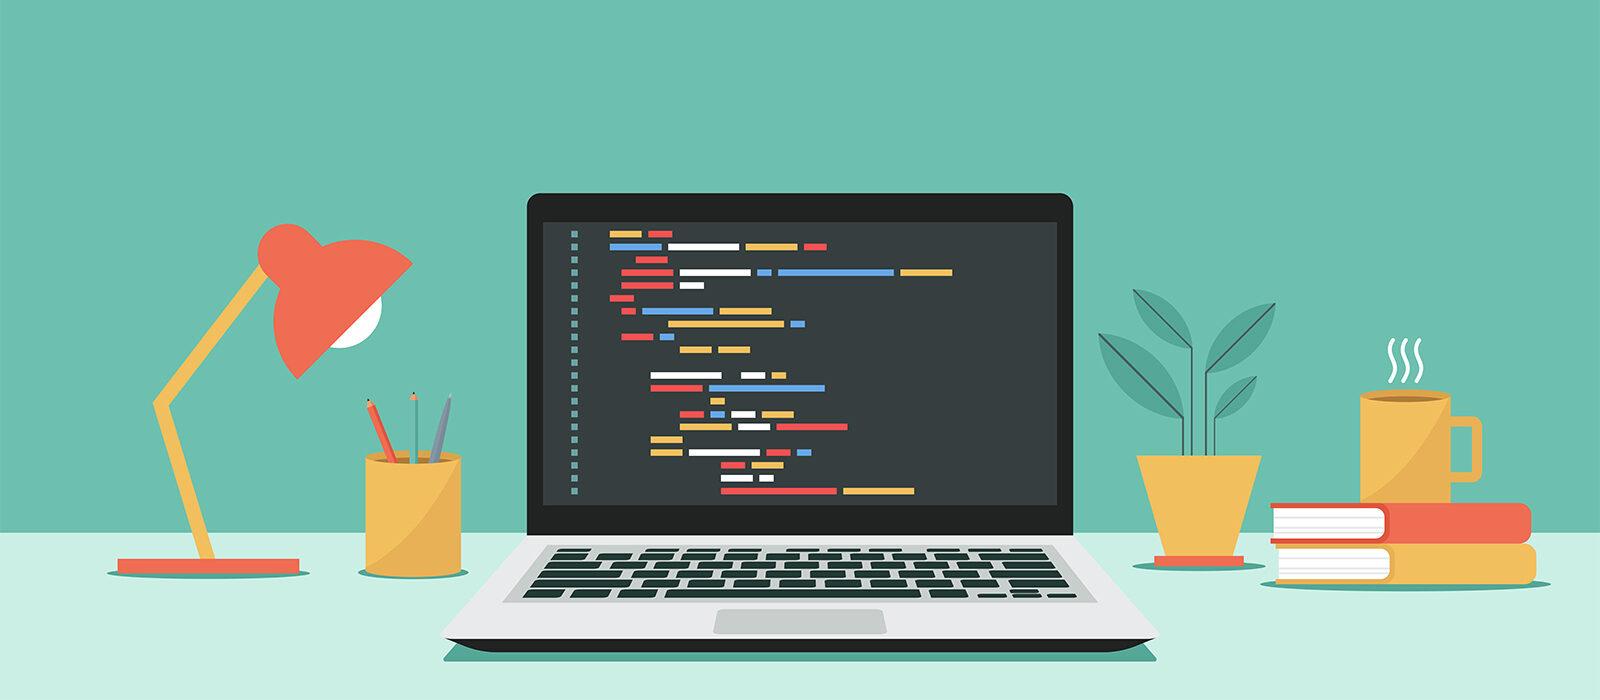 Web Components mit LitElement